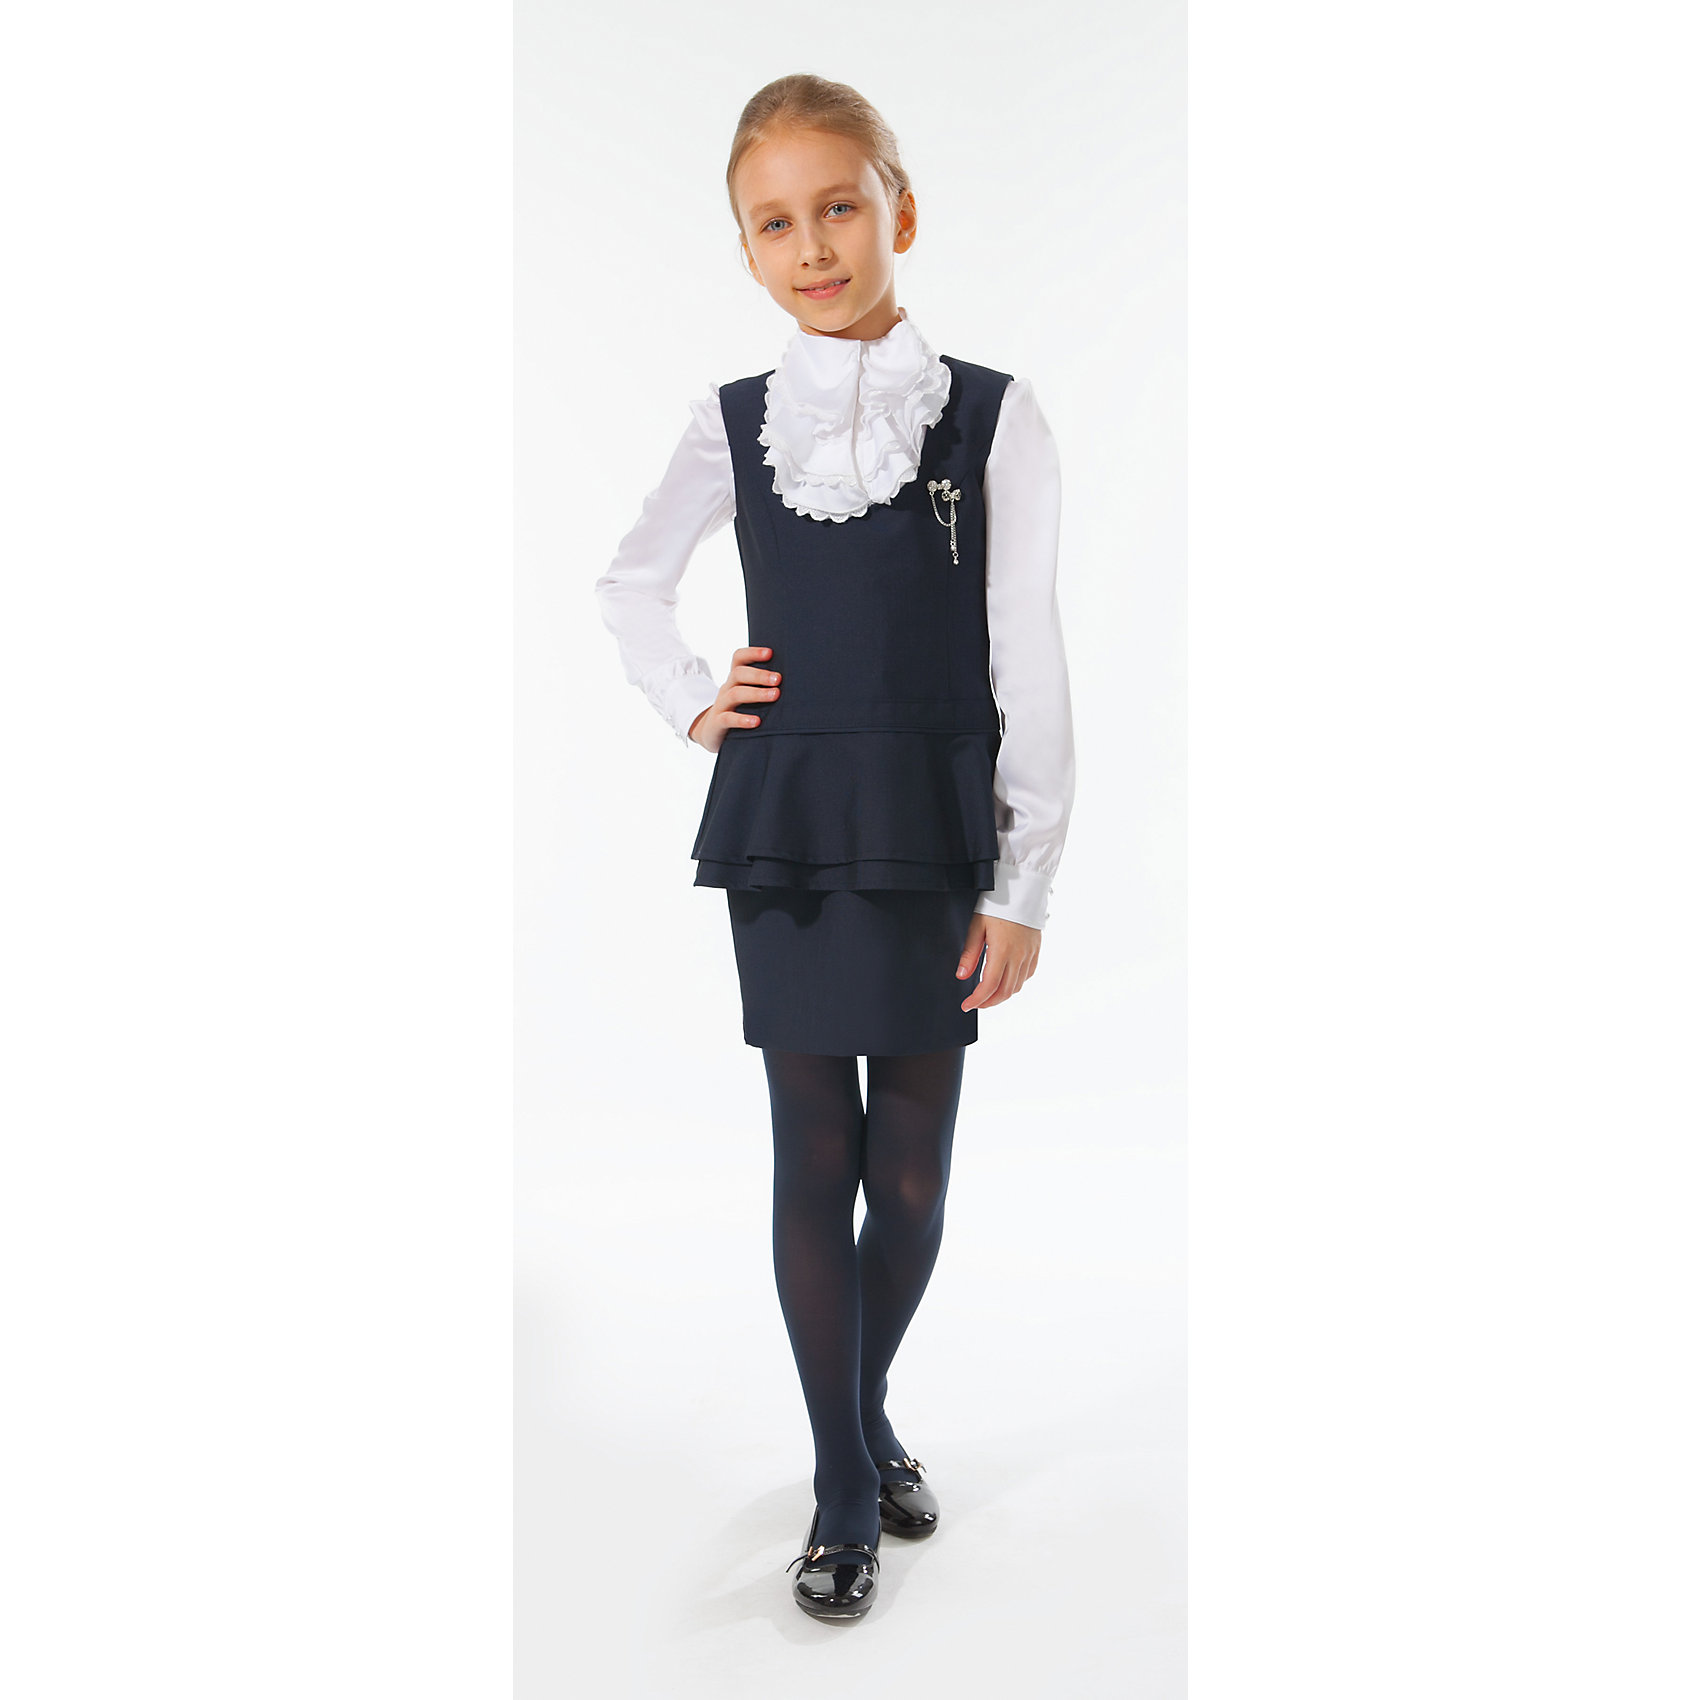 Сарафан Silver SpoonПлатья и сарафаны<br>Сарафан Silver Spoon (Сильвер Спун) - замечательно решение для маленьких модниц, которые хотят и на школьных занятиях выглядеть стильно и неповторимо. Элегантная модель очень легкая и комфортная, ткань приятна на ощупь, не раздражает кожу и позволяет ей дышать. У сарафана приталенный силуэт с прямой юбкой, широкие бретельки, горловина с округлым вырезом. В талии имеется декоративная вставка в два яруса, украшение в виде съемной брошки. Сарафан отлично сочетается с блузками, рубашками и водолазками. Все модели Сильвер Спун предназначены для повседневного интенсивного использования и выполнены из прочных тканей, которые позволяют вещам выглядеть великолепно на протяжении длительного срока эксплуатации. Рекомендуется щадящая ручная стирка, гладить при низкой температуре.<br><br>Дополнительная информация:<br><br>- Цвет: темно-синий.<br>- Материал: 81% полиэстер, 19% вискоза.<br> <br>Сарафан, Silver Spoon (Сильвер Спун), можно купить в нашем интернет-магазине.<br><br>Ширина мм: 236<br>Глубина мм: 16<br>Высота мм: 184<br>Вес г: 177<br>Цвет: синий<br>Возраст от месяцев: 132<br>Возраст до месяцев: 144<br>Пол: Женский<br>Возраст: Детский<br>Размер: 152,128,140,146,134<br>SKU: 4146154